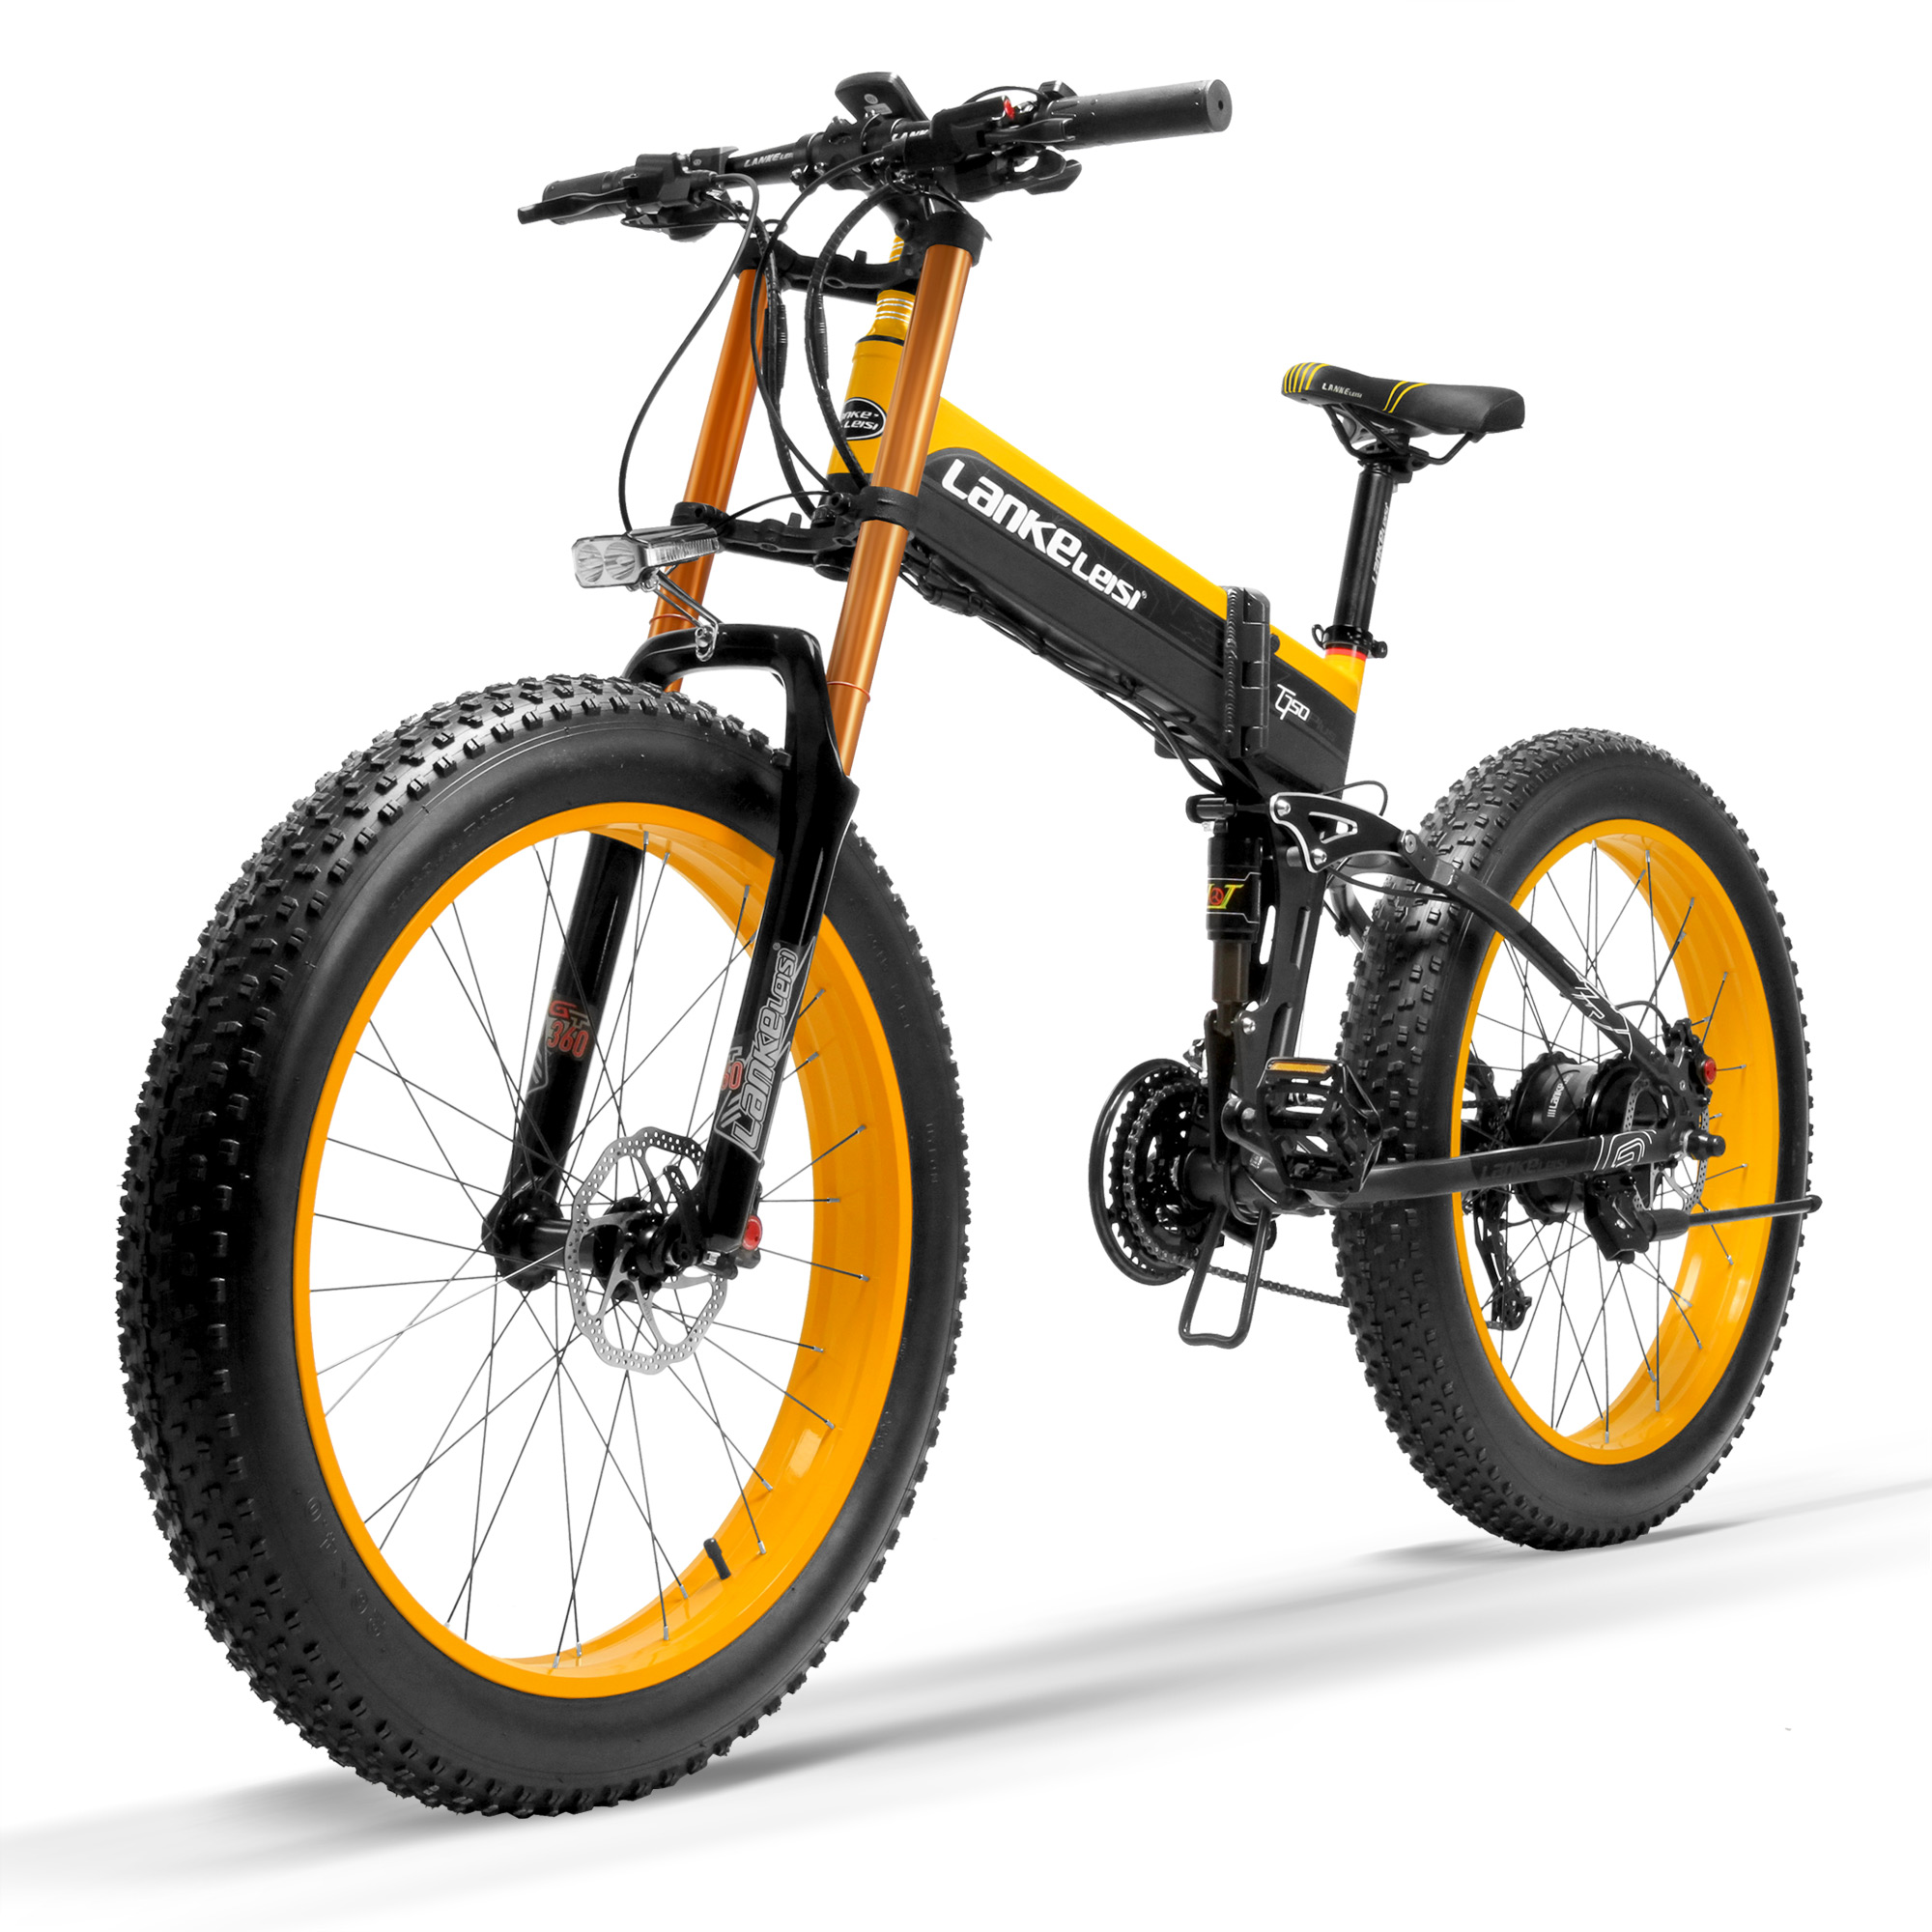 T750Plus Novo 27 Velocidade Ebike Bicicleta Gordura, 1000W 48V 14.5Ah Forte Poder, 5-Pedal Assist Sensor de nível, Downhill Garfo de Moto De Neve